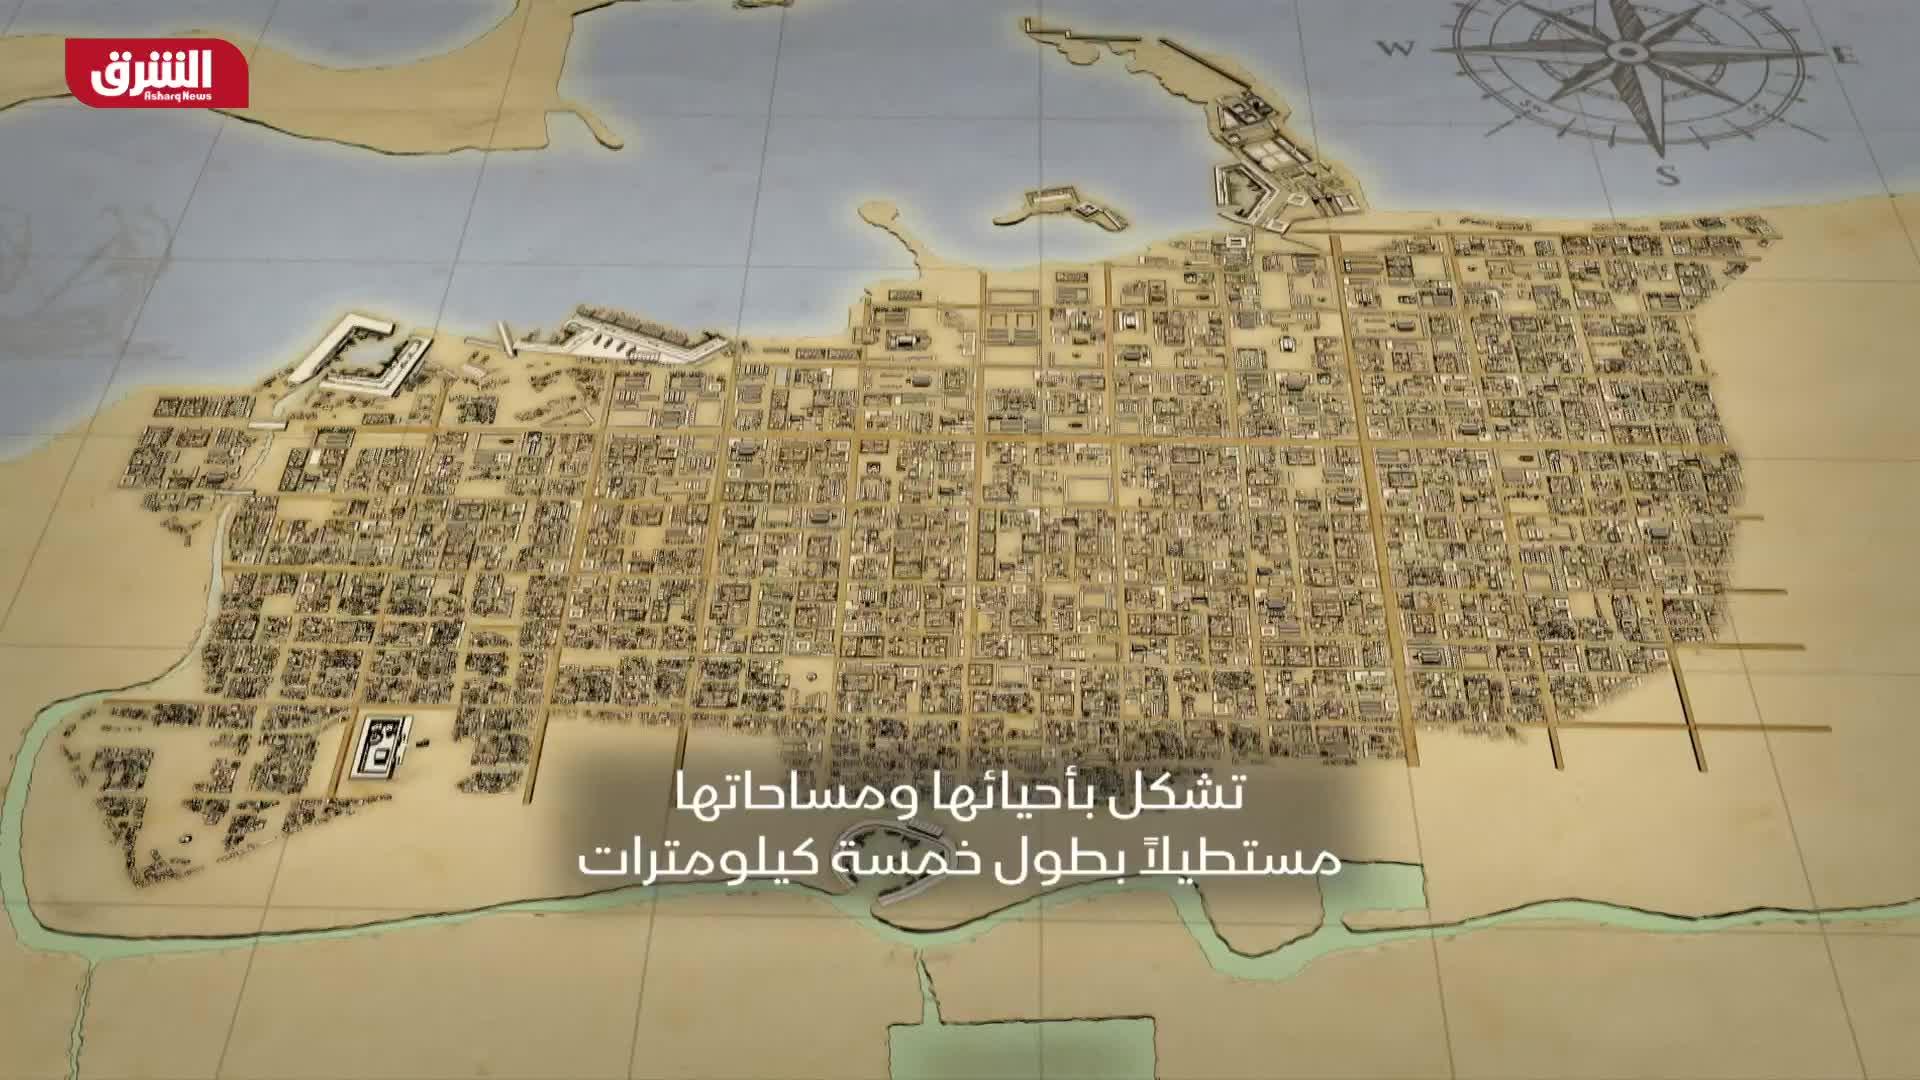 خفايا العالم القديم - الإسكندرية ج1